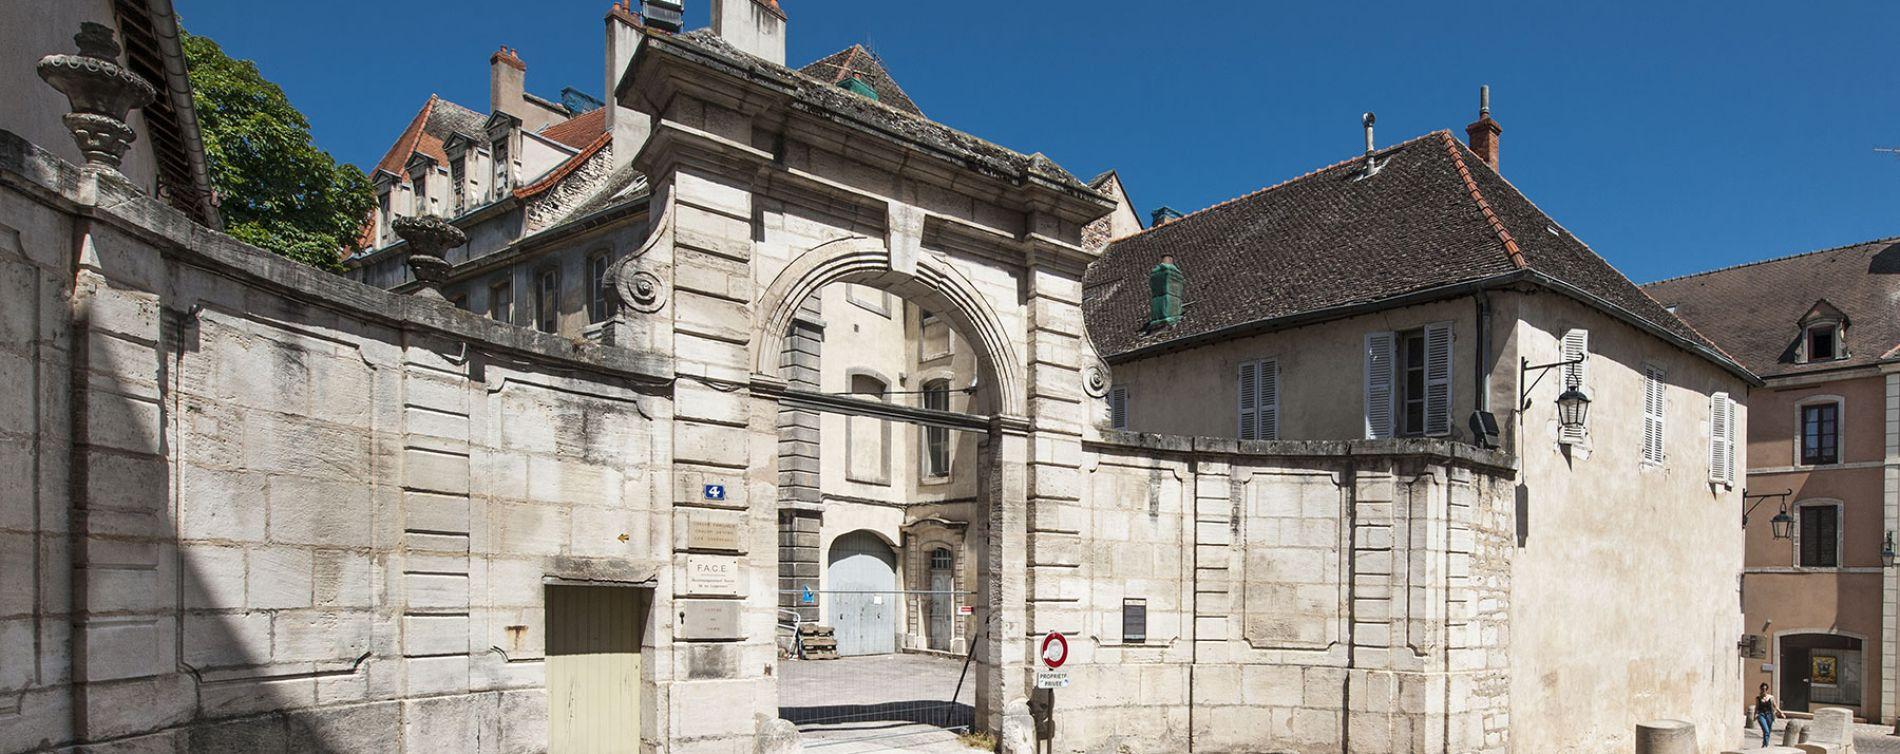 Résidence Le Palais Episcopal à Chalon-sur-Saône